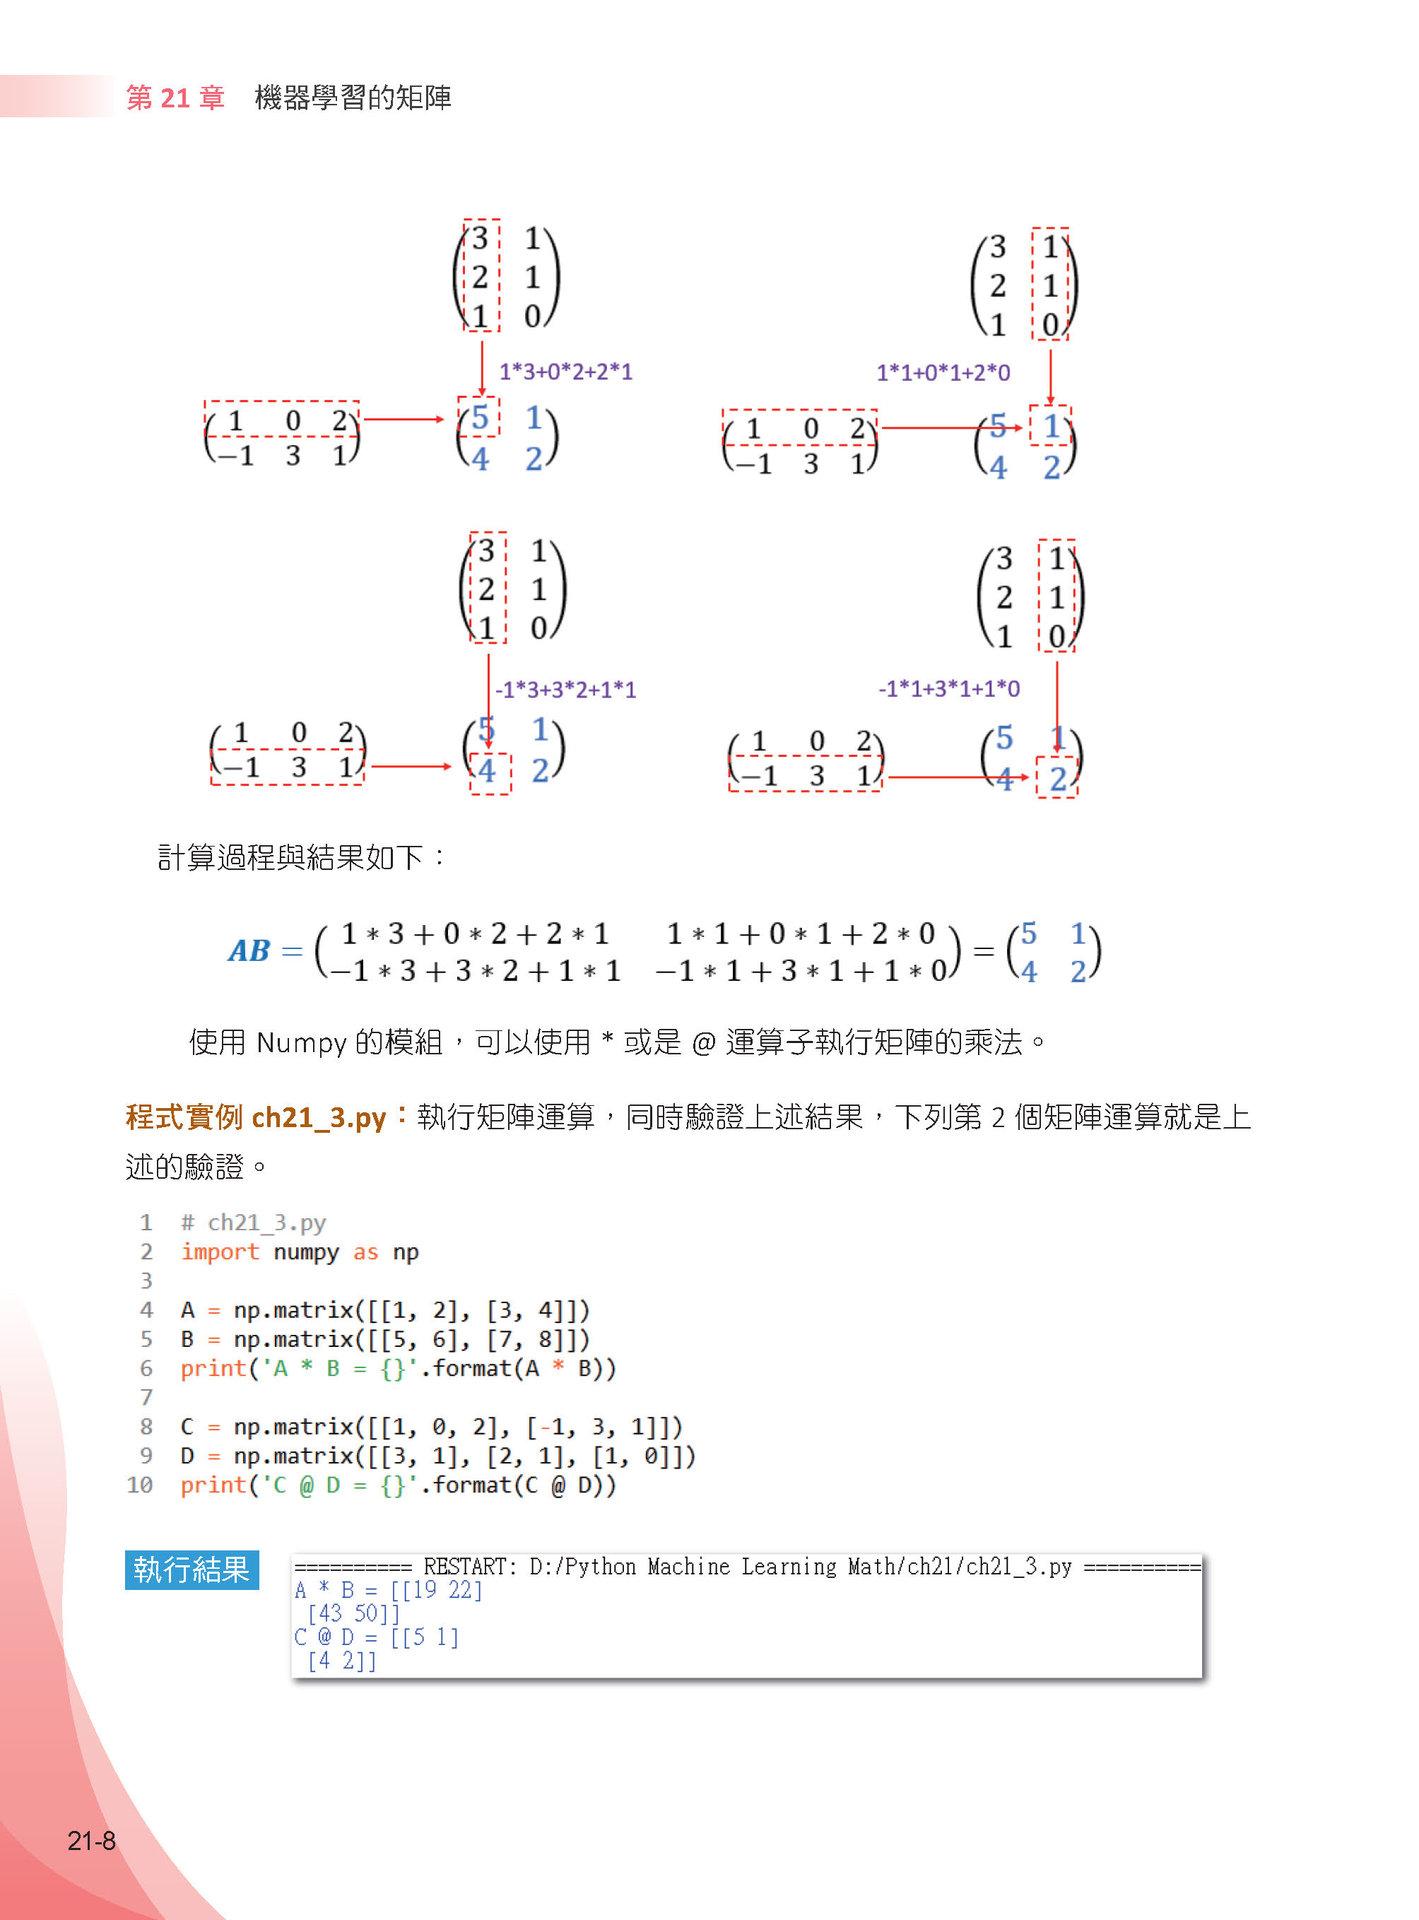 機器學習:彩色圖解 + 基礎數學篇 + Python實作 -- 王者歸來 (全彩)-preview-13